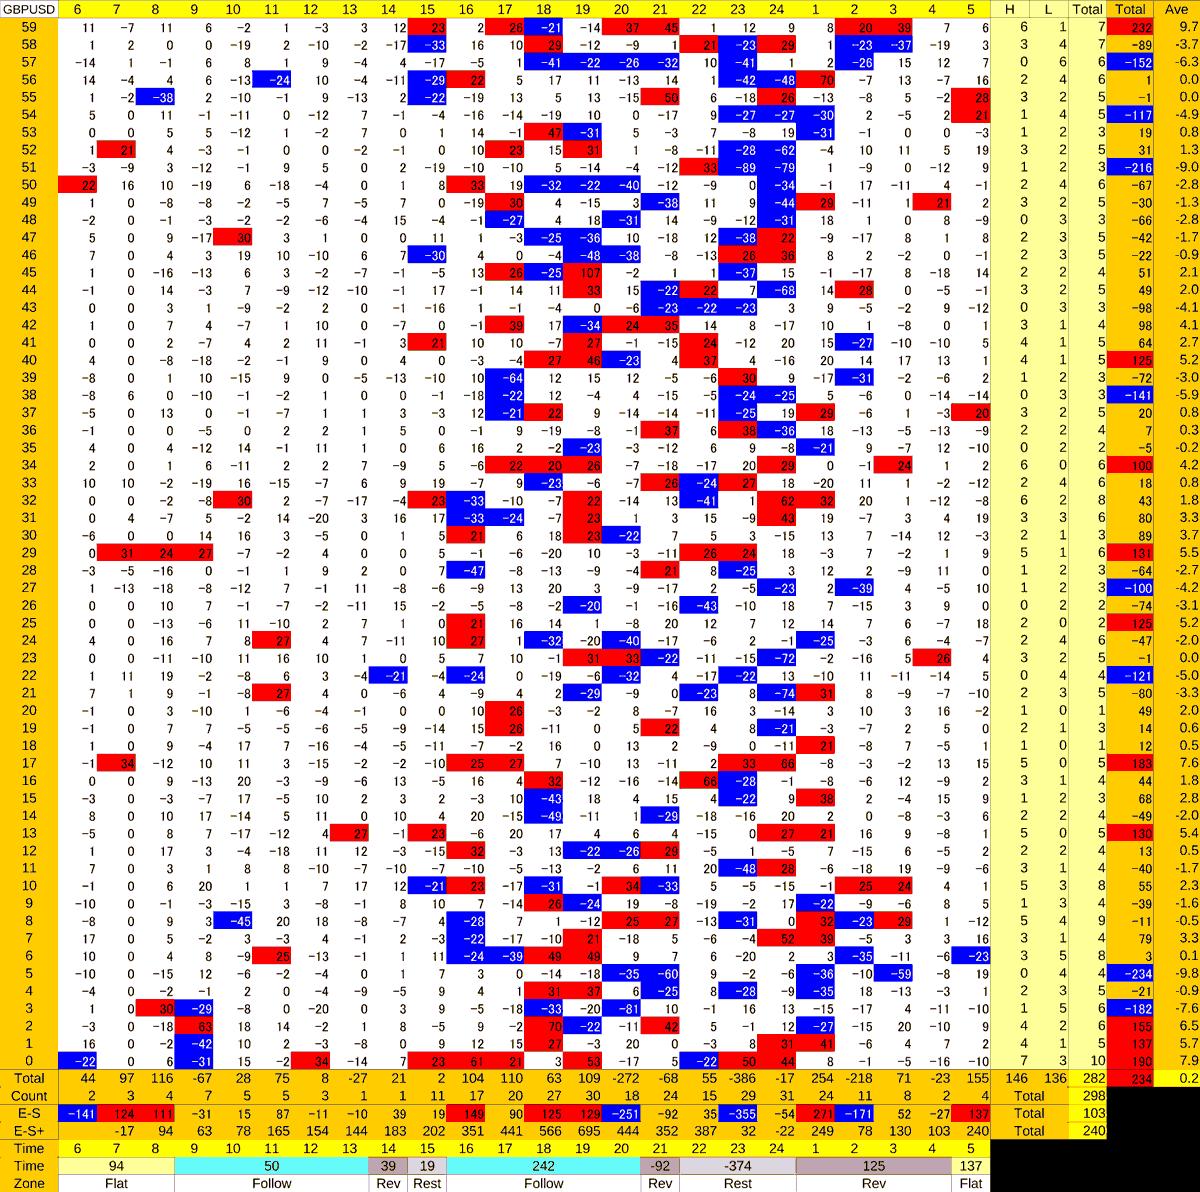 20210120_HS(2)GBPUSD